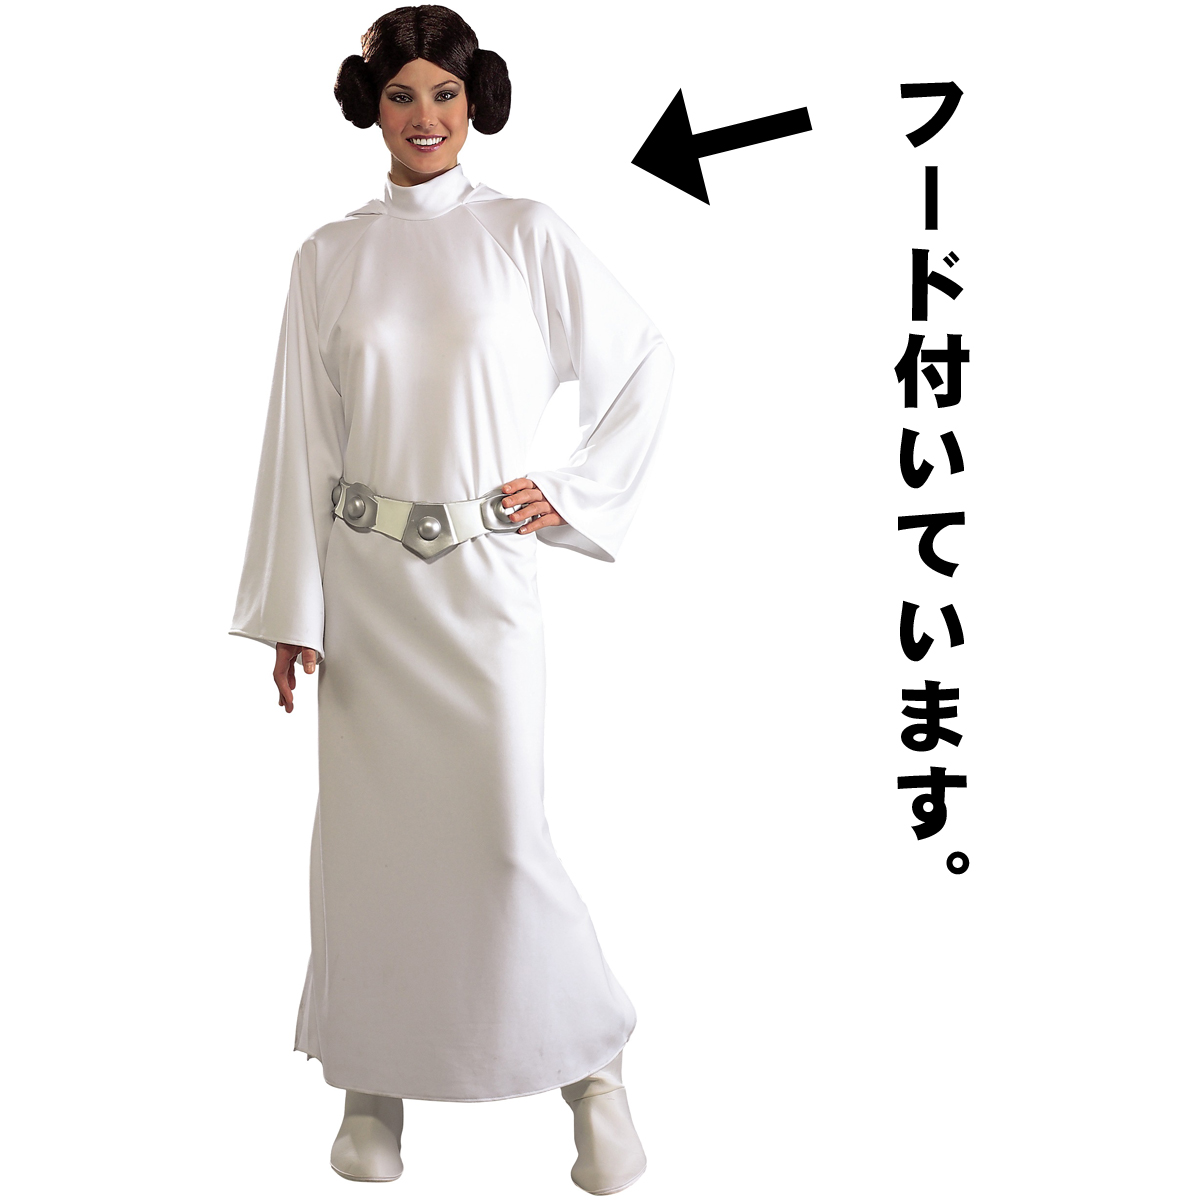 レイア姫 コスチューム スターウォーズ コスプレ ルービーズ 大人 女性 プリンセス・レイア 衣装 服 海外 映画 キャラクター 仮装